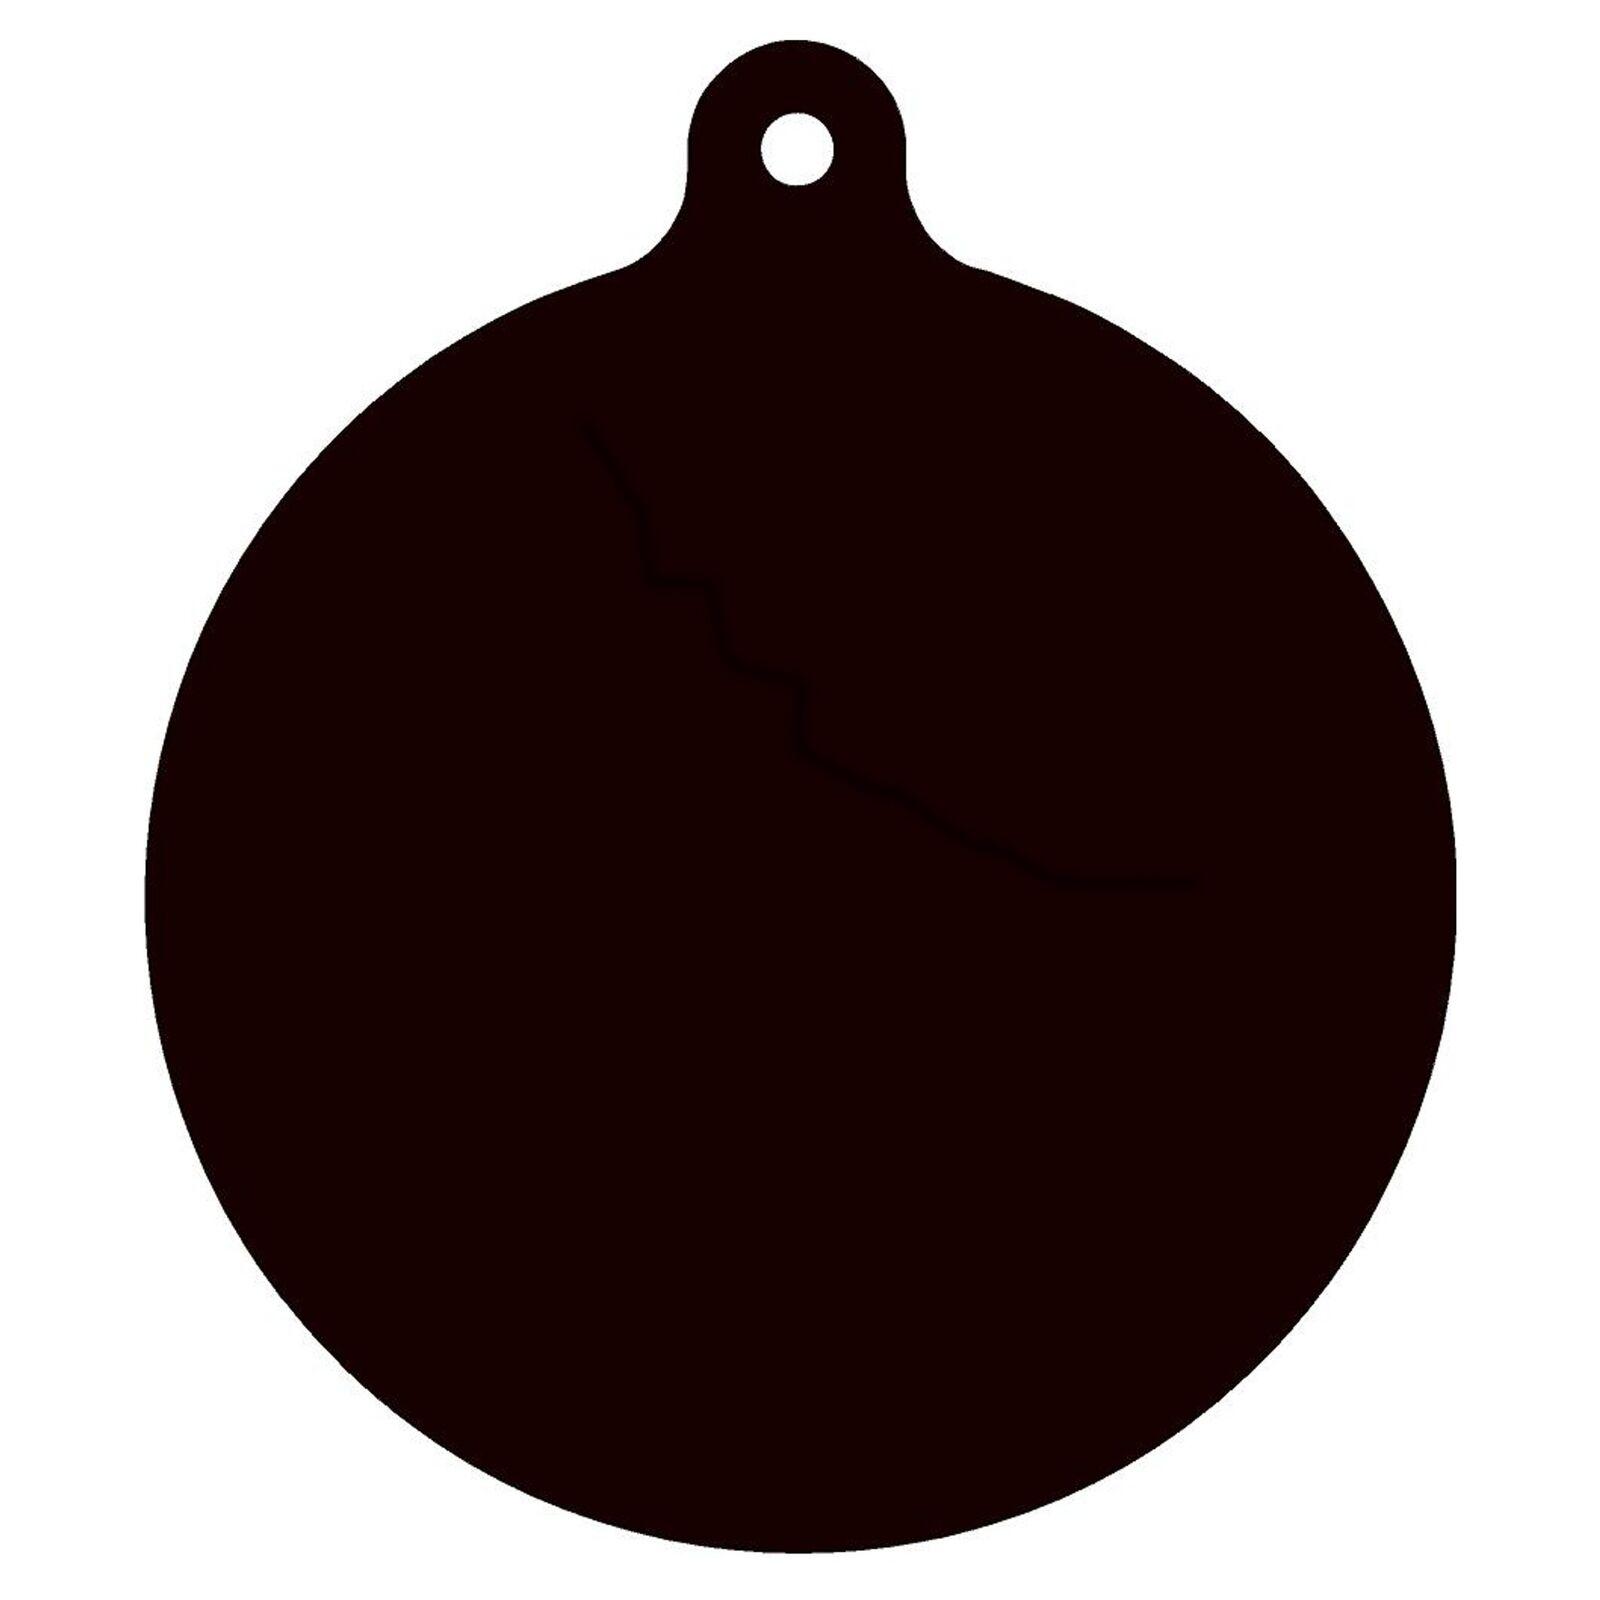 Conjunto de de de 3 AR500 de acero de destino media Gong 1 2  X 8  pintado de negro práctica de disparo b03119